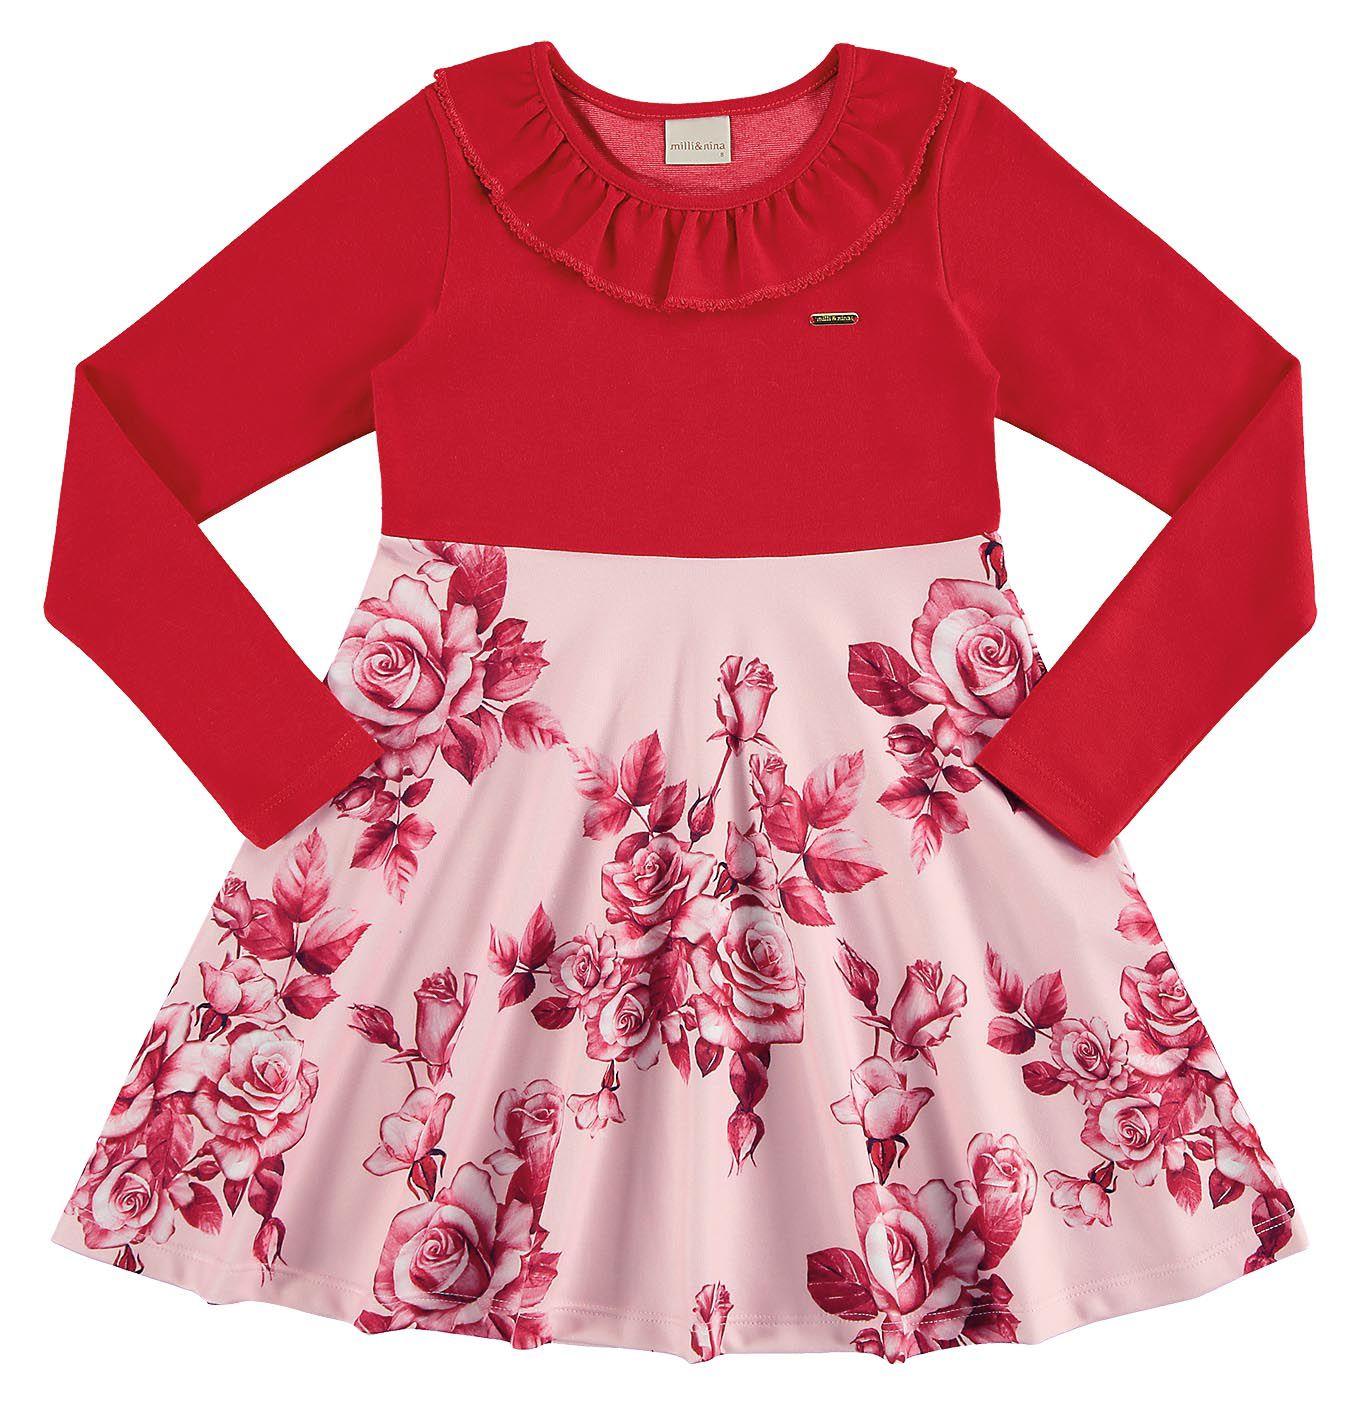 Vestido infantil de inverno Floral em interlock Milli & Nina